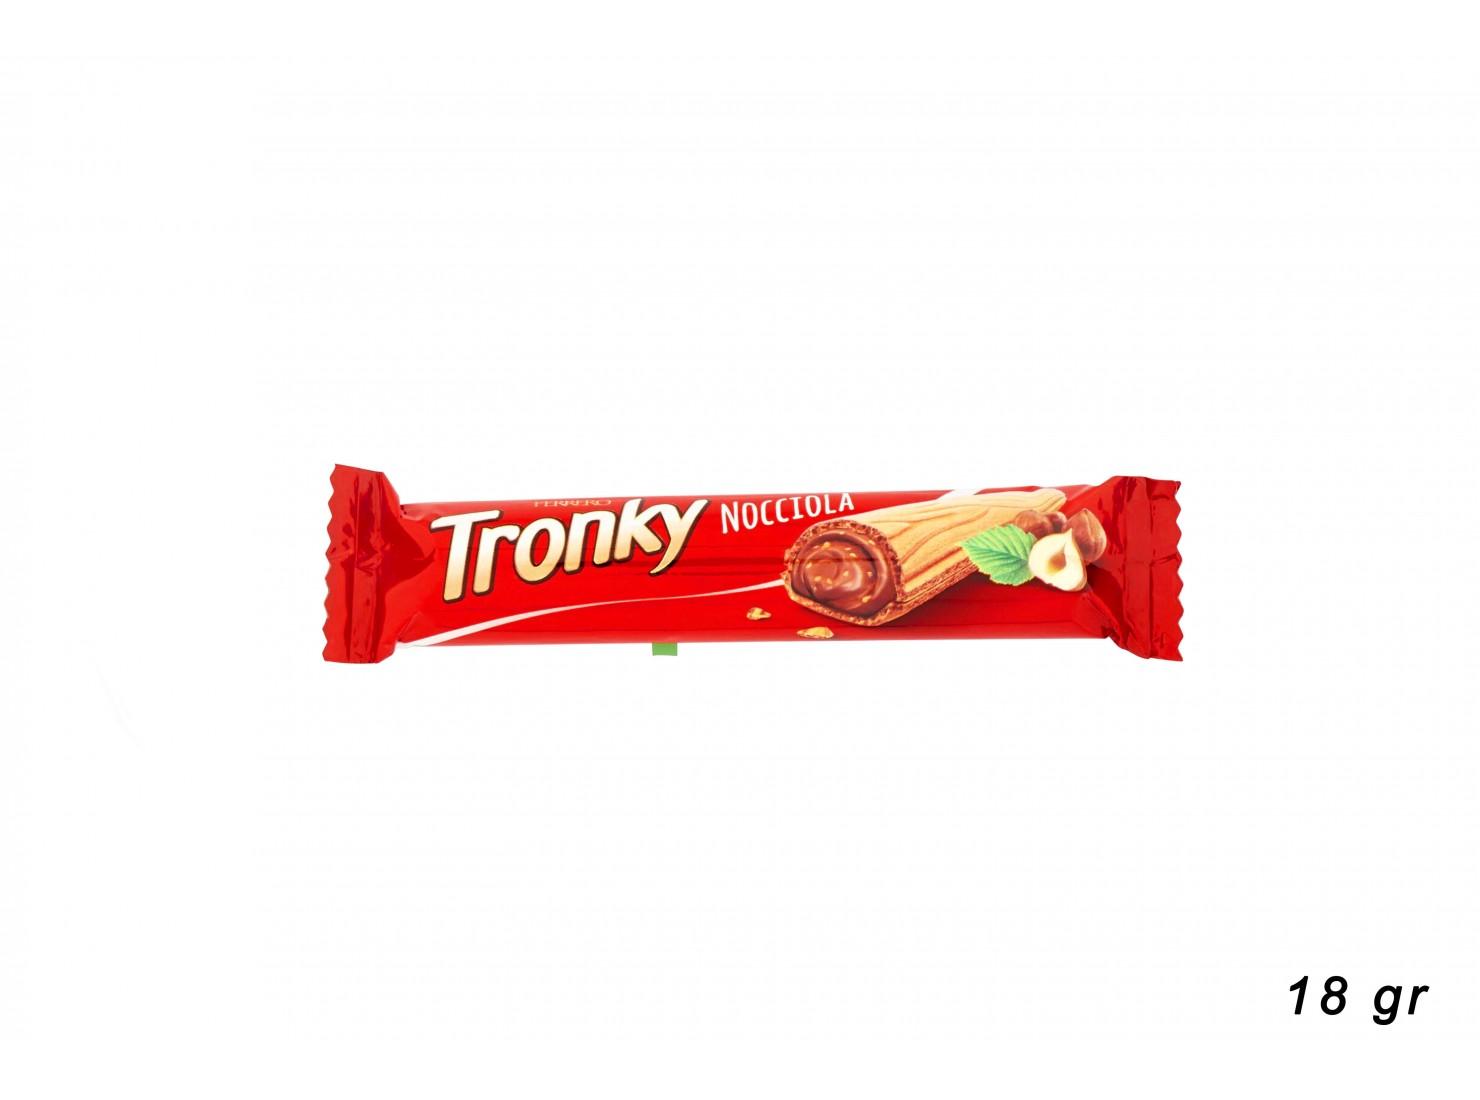 FERRERO TRONKY NOCCIOLA 18 GR